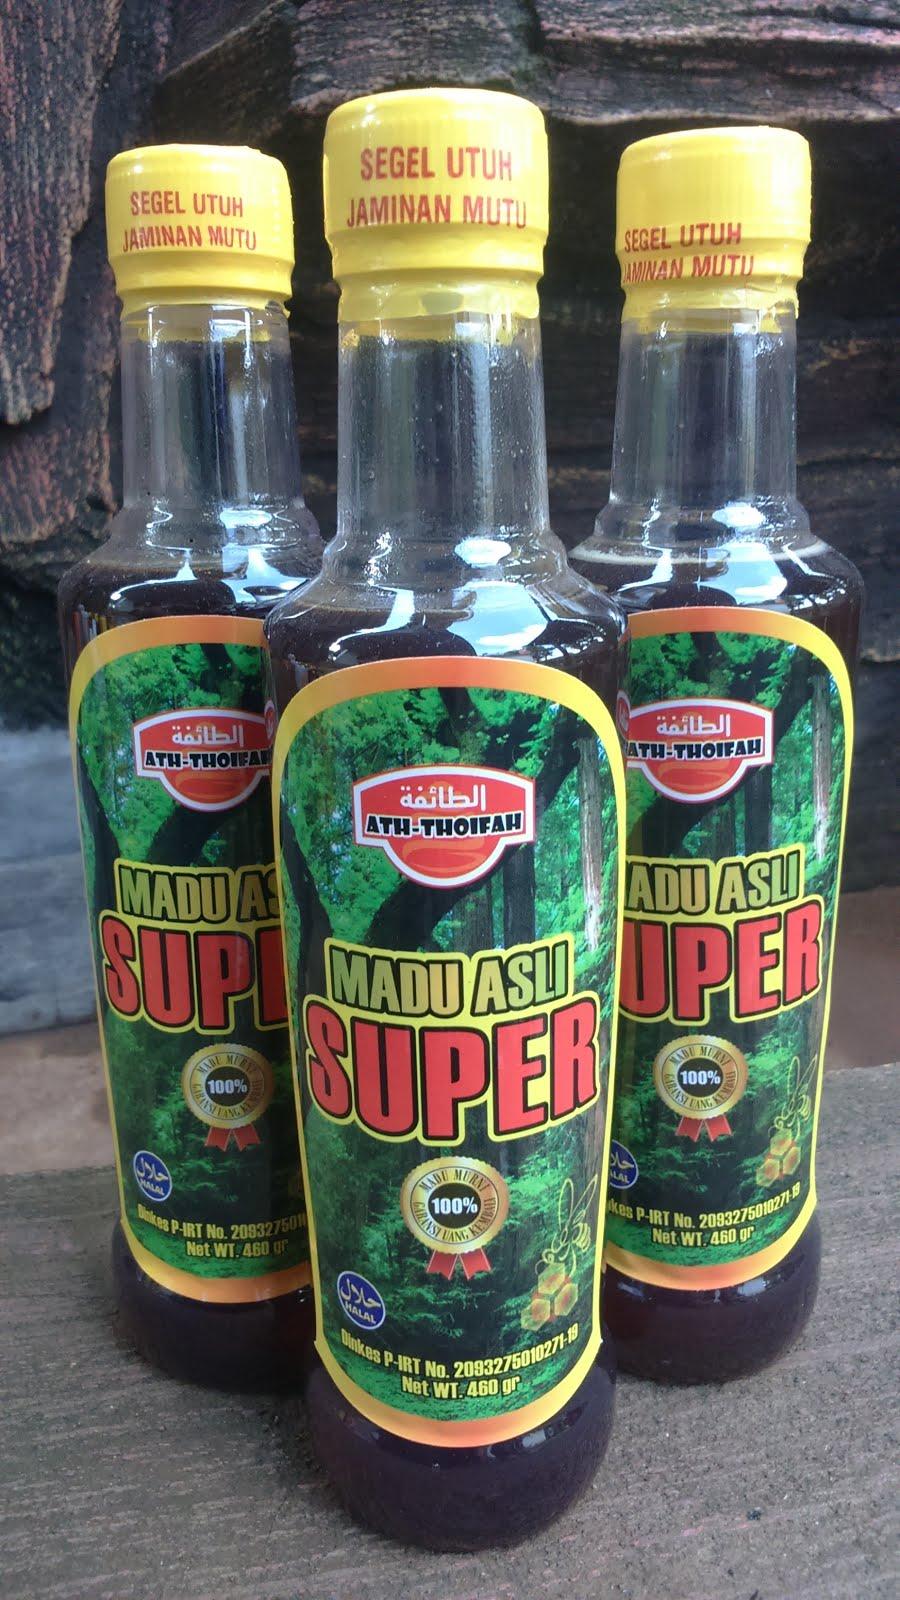 Maduherbalunggulan Madu Asli Supermadu Super Ath Thoifahmadu Murni Hutan Merupakan 100 Yang Diperoleh Dari Pedalaman Di Indonesiamadu Ini Berasal Aneka Macam Nektar Atau Bunga